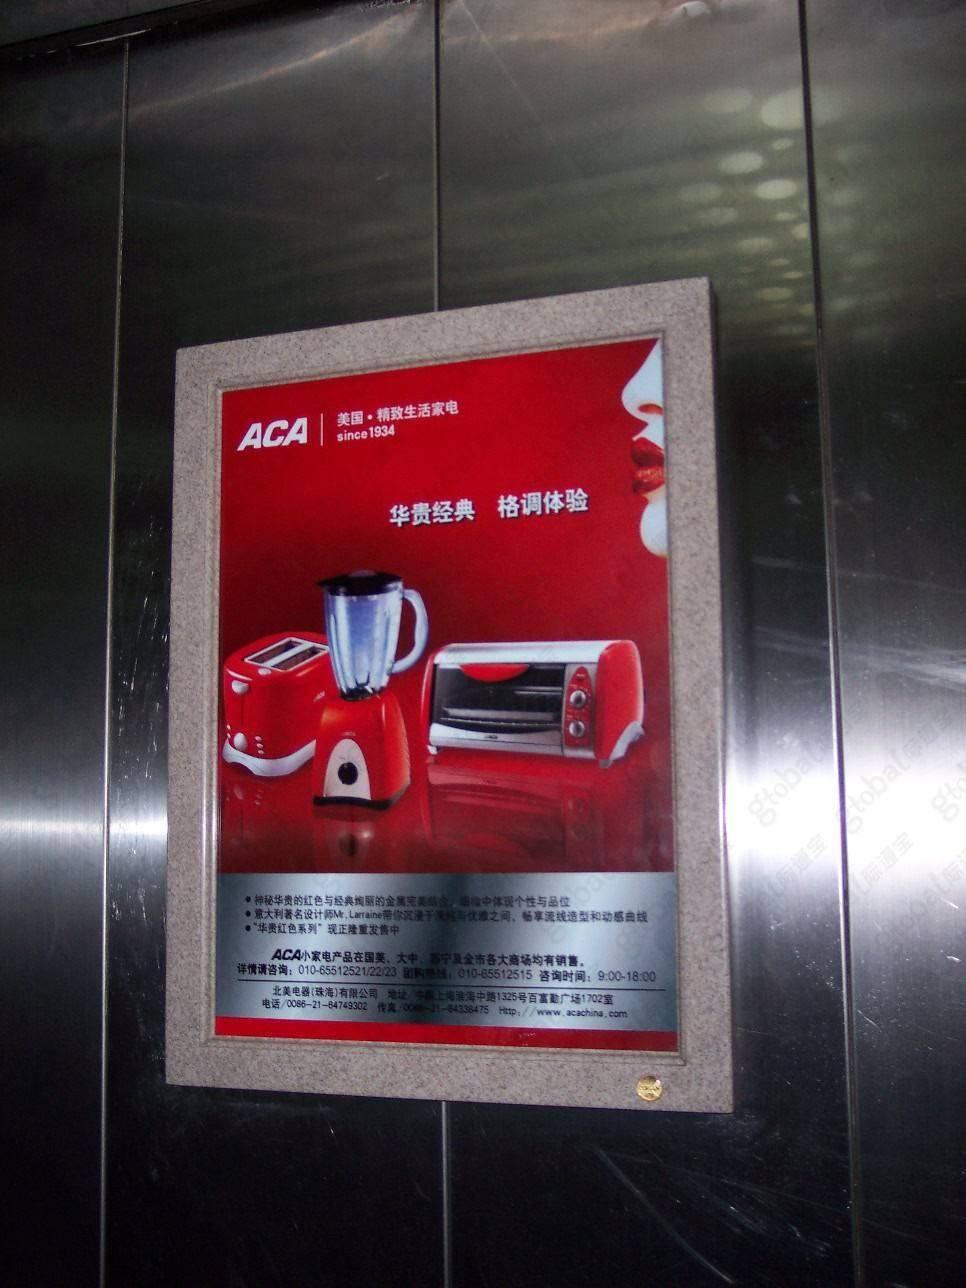 平顶山电梯广告公司广告牌框架3.0投放(100框起投)